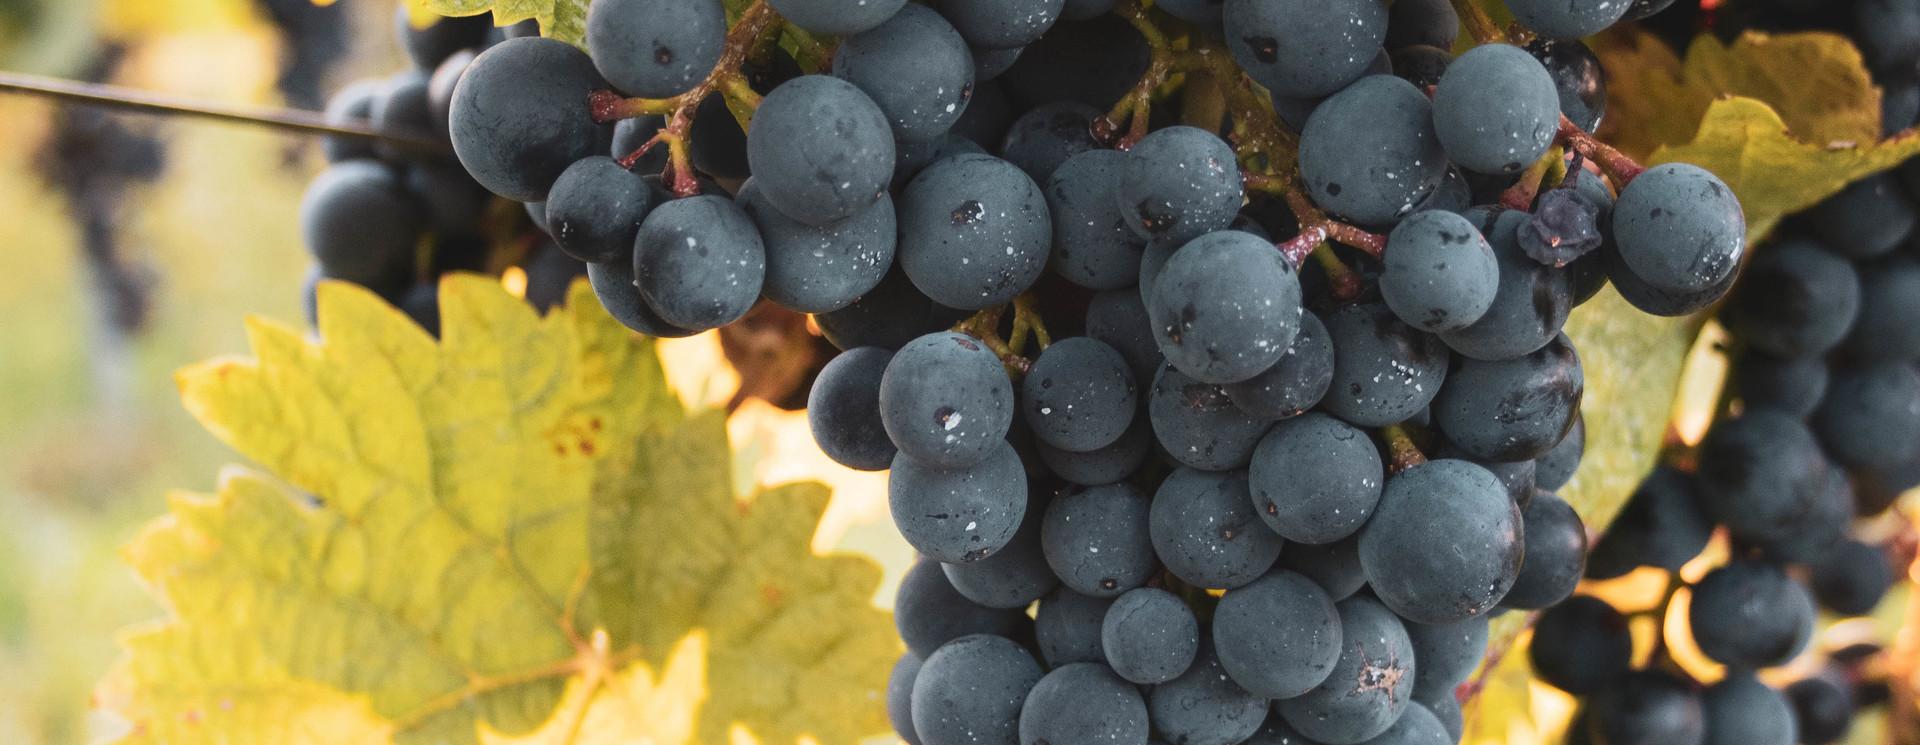 Limburgse rode wijnen